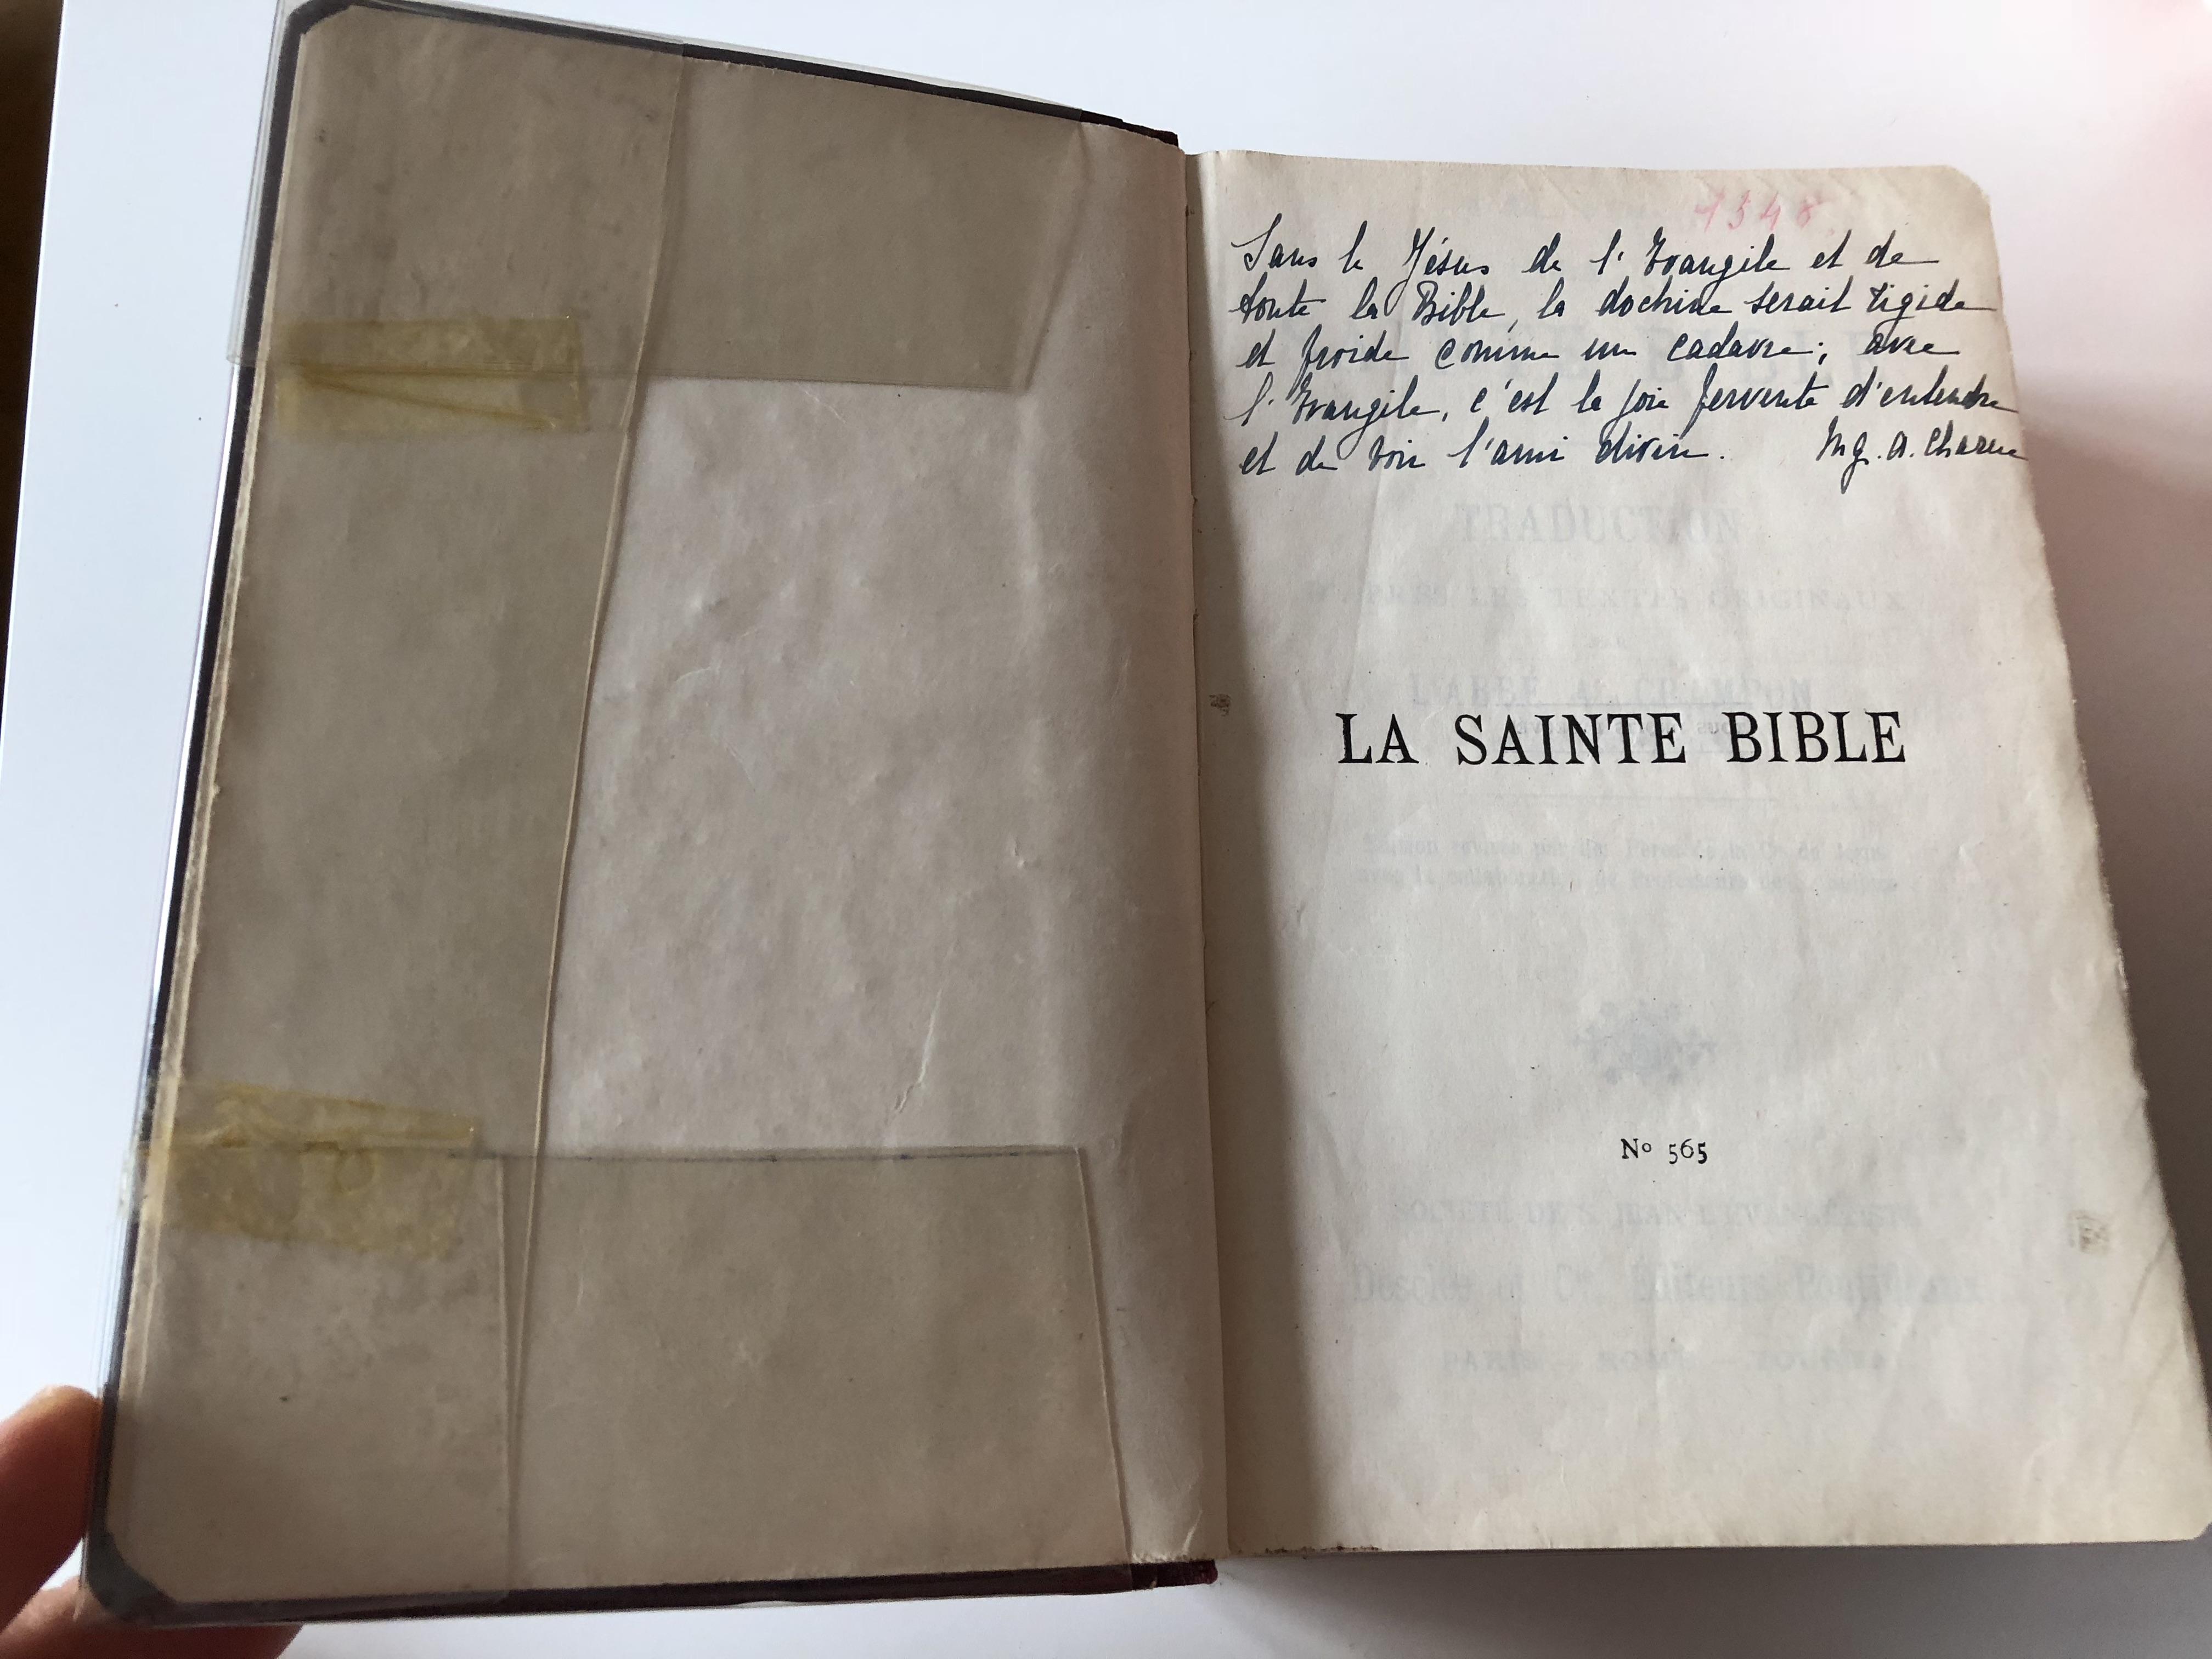 french-bible-1905-la-sainte-bible-5-.jpg